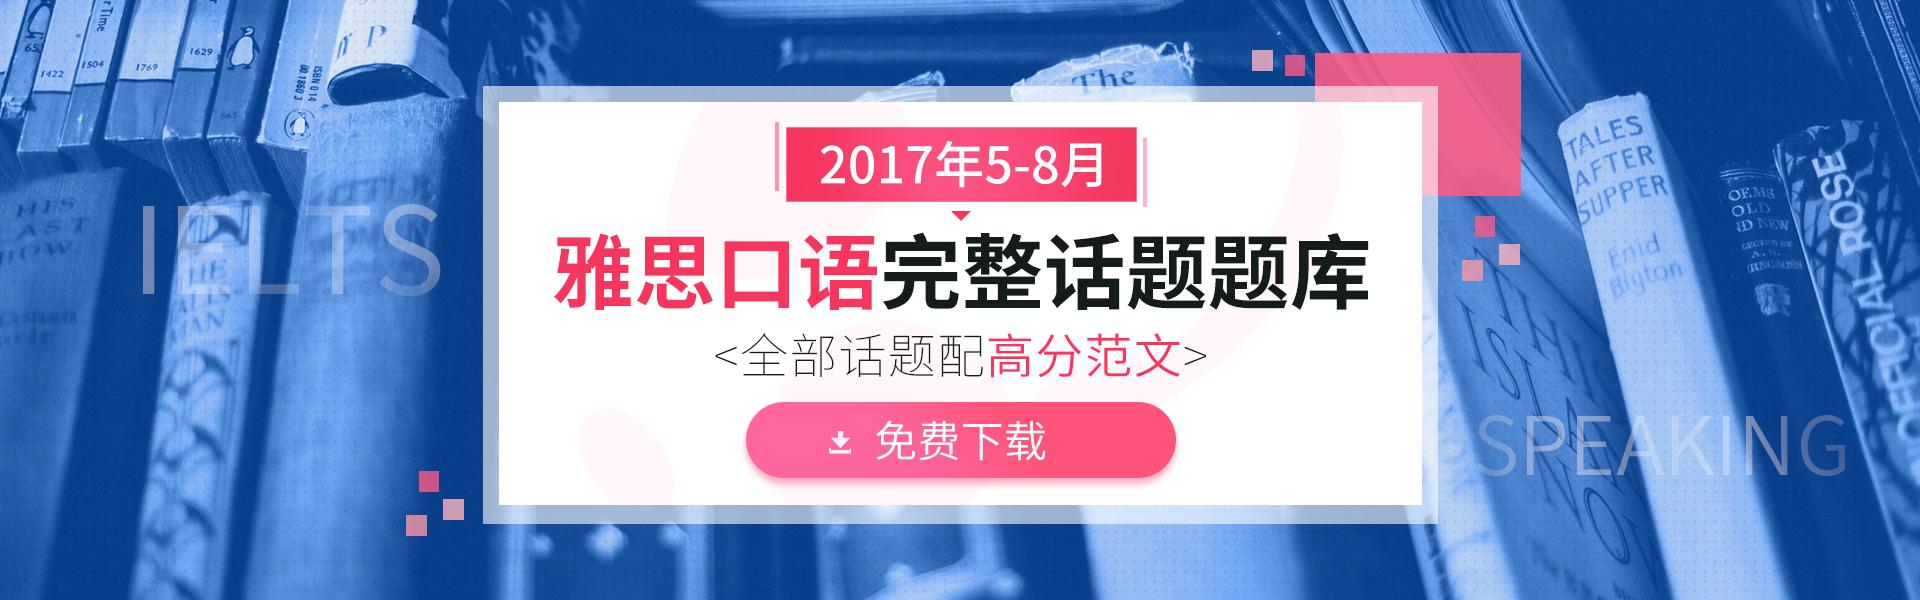 2017年5-8月xf881.com口语题库免费下载